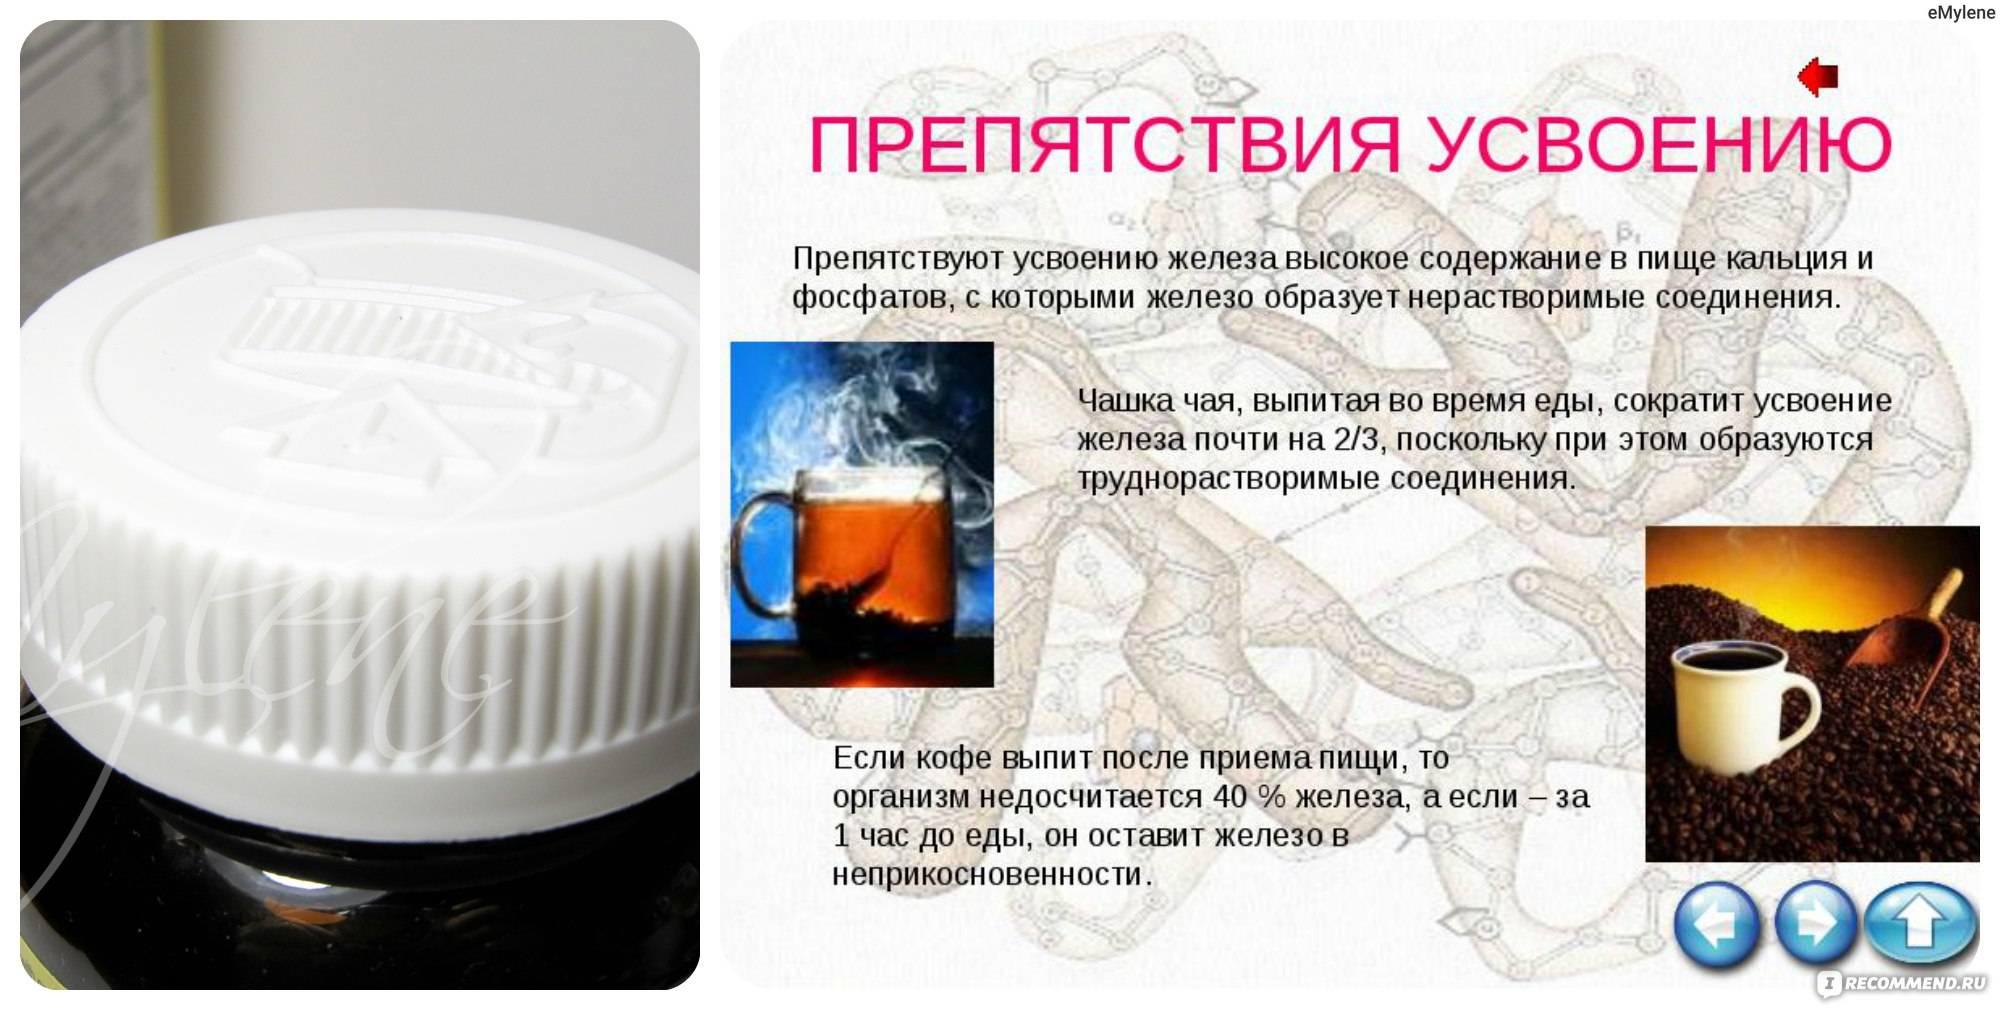 Кальций (ca) в продуктах питания − почему дантисты рады любителям кофе?